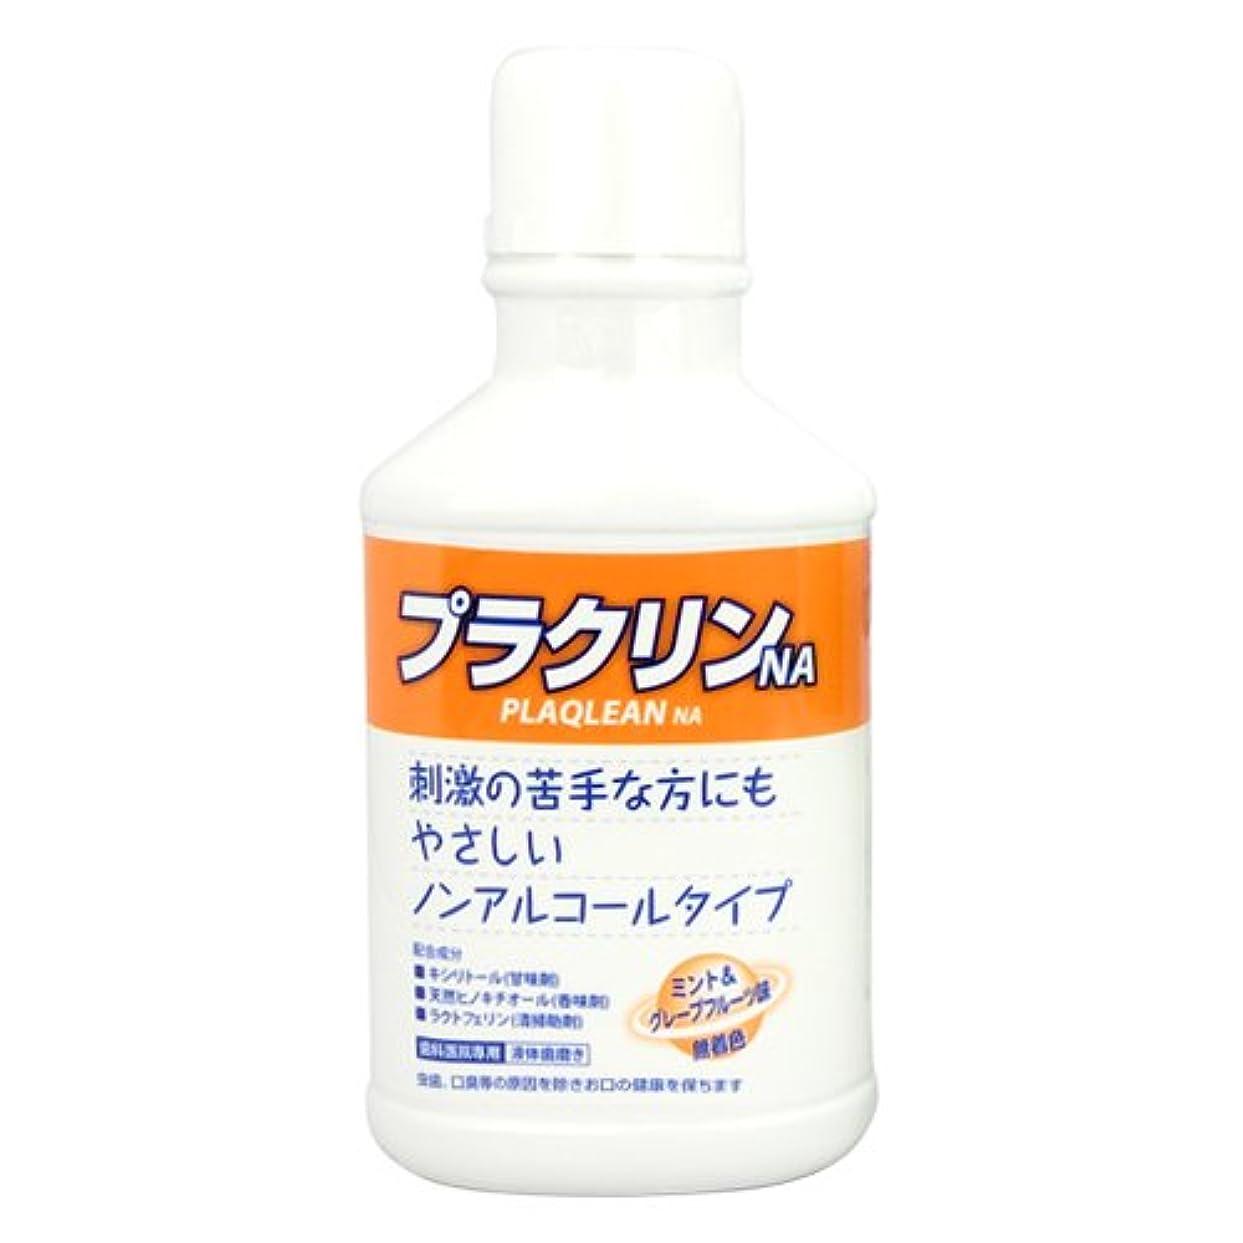 技術者常習的味方液体 歯磨き シリーズ 500ml プラクリンNA